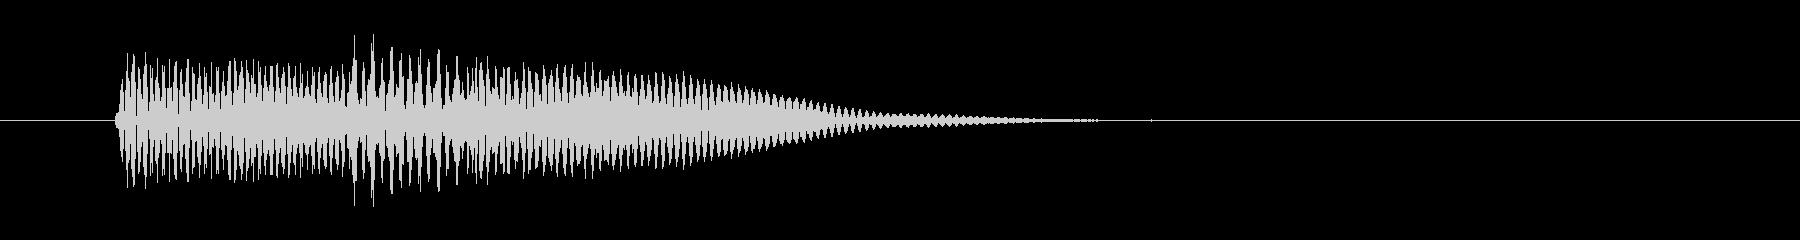 ピロン カーソル移動 決定音 01 高音の未再生の波形